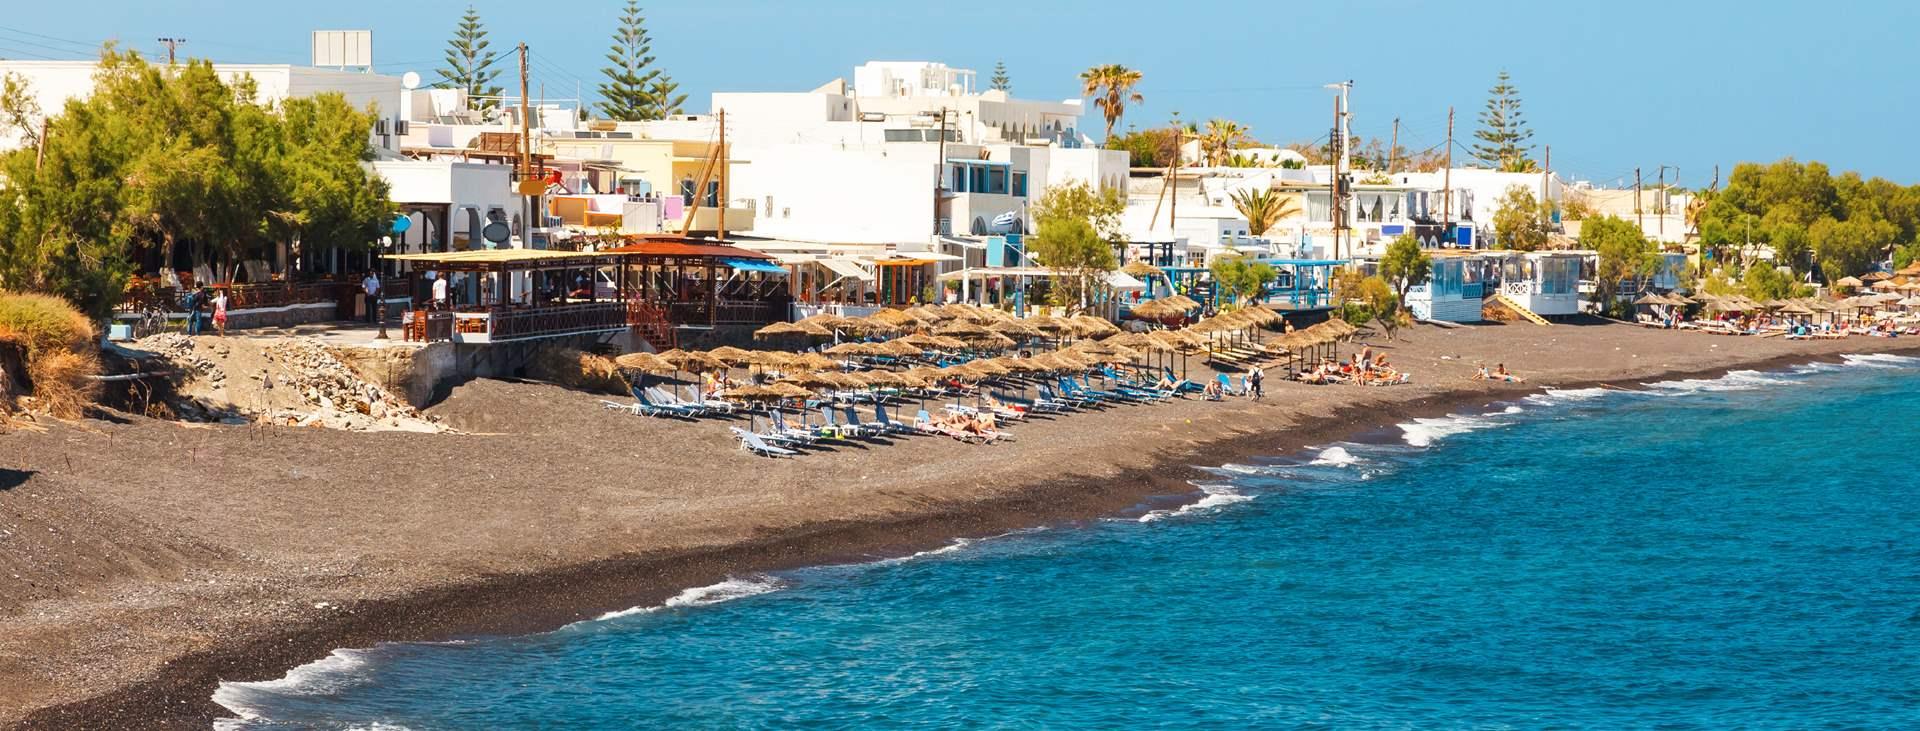 Resor till Kamari på Santorini i Grekland